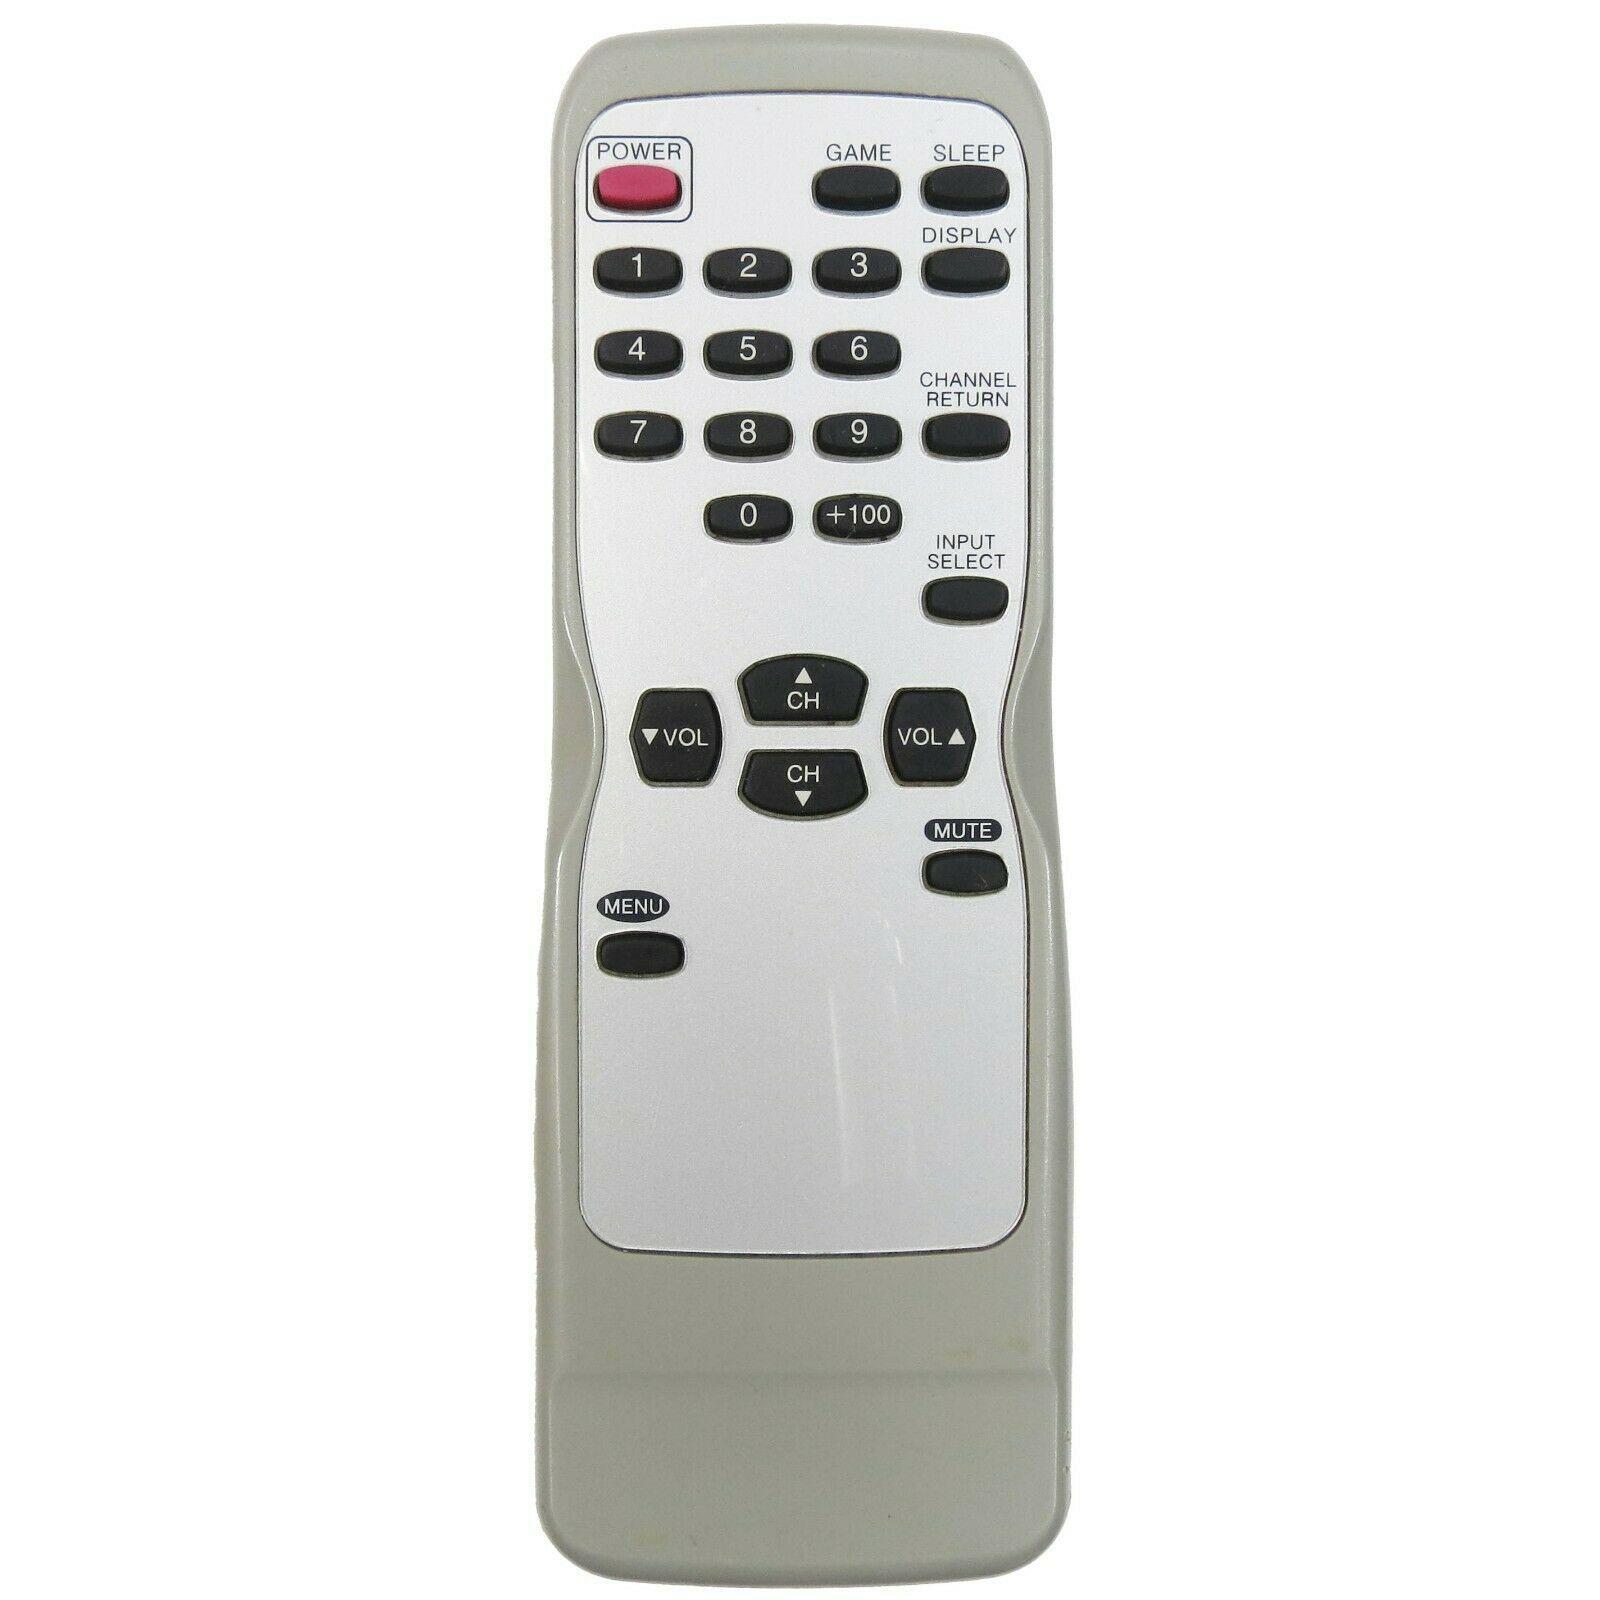 Emerson NE116UE *MISSING BATTERY COVER *TV Remote EWF2002, EWF2004, EWF2705 - $16.35